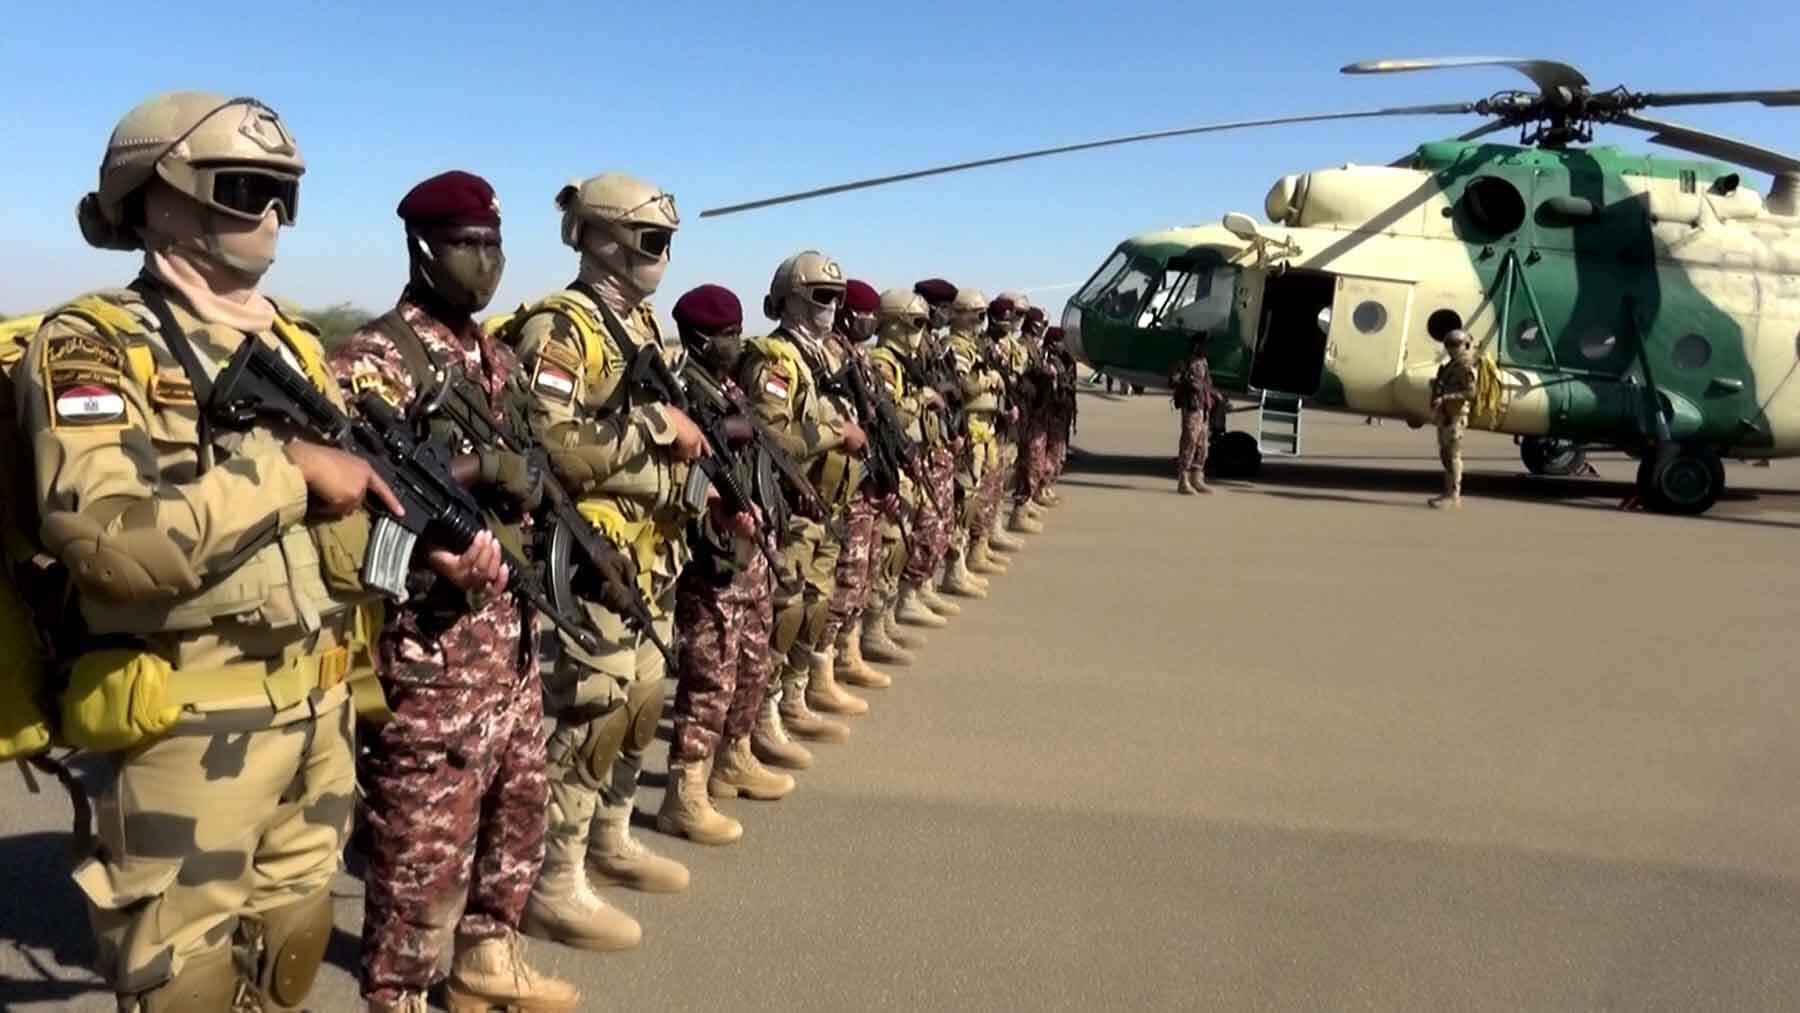 اثيوبيا تهدد مصر بعد حشد قواتها في السودان